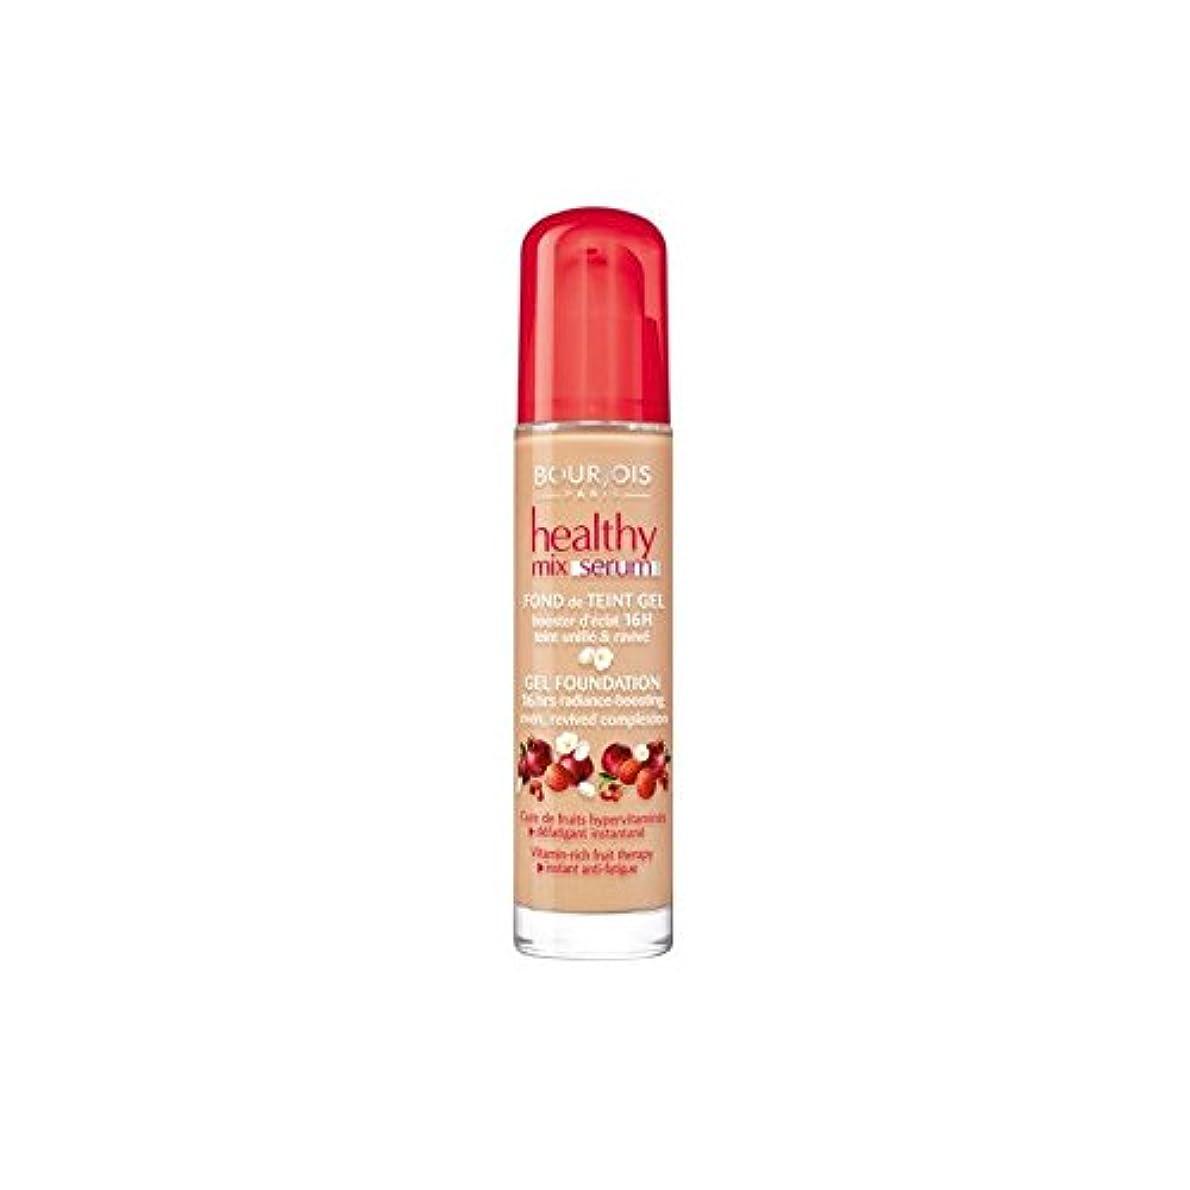 租界スペシャリストエトナ山ブルジョワヘルシーミックス血清基盤ベージュ 55 x4 - Bourjois Healthy Mix Serum Foundation Beige Fonce 55 (Pack of 4) [並行輸入品]